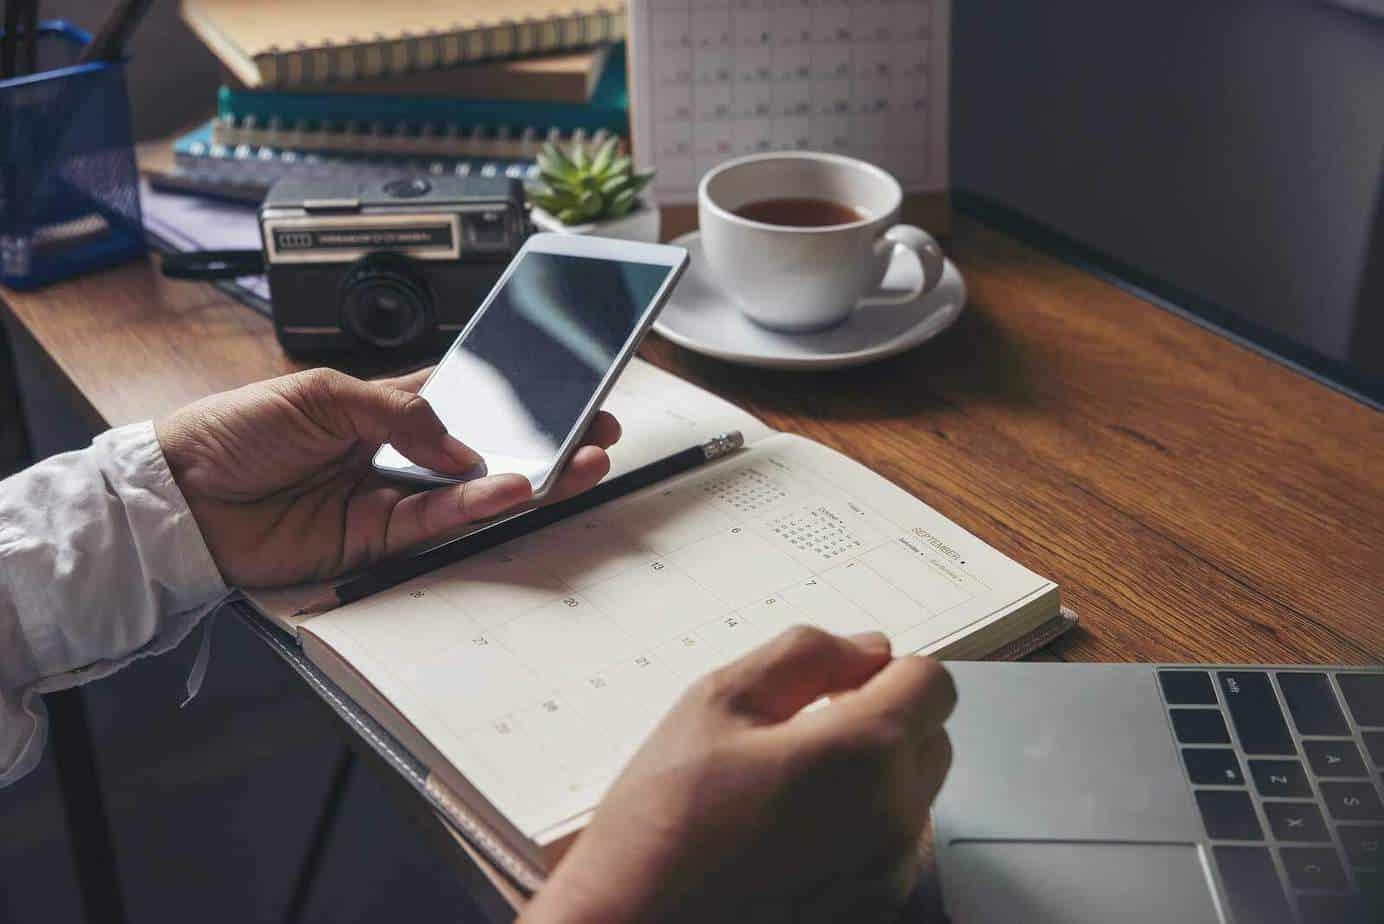 create calendar tasks for followup